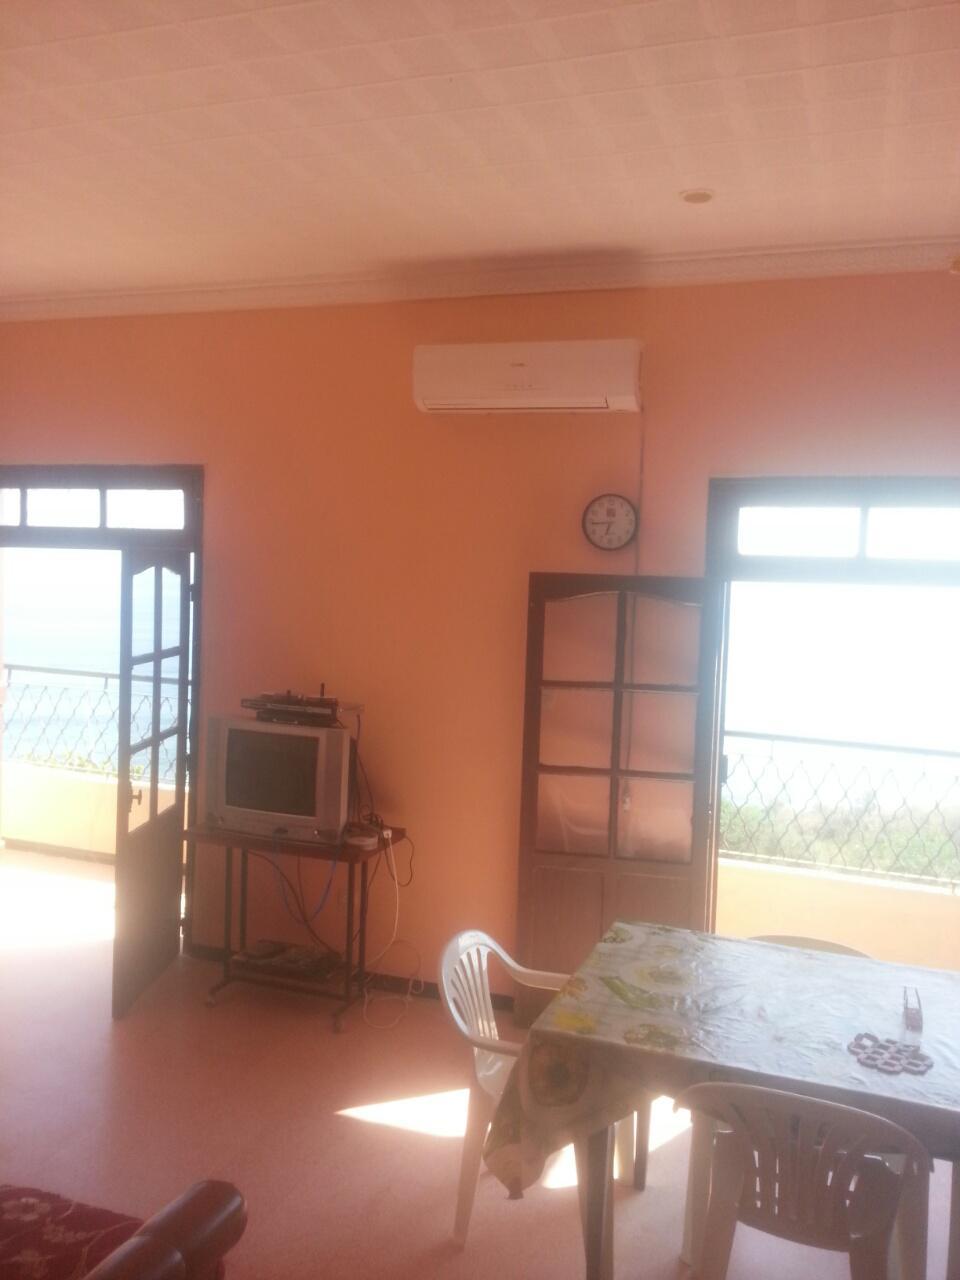 Location saisonni re appartement b jaia b jaia alg rie for Appartement a bejaia